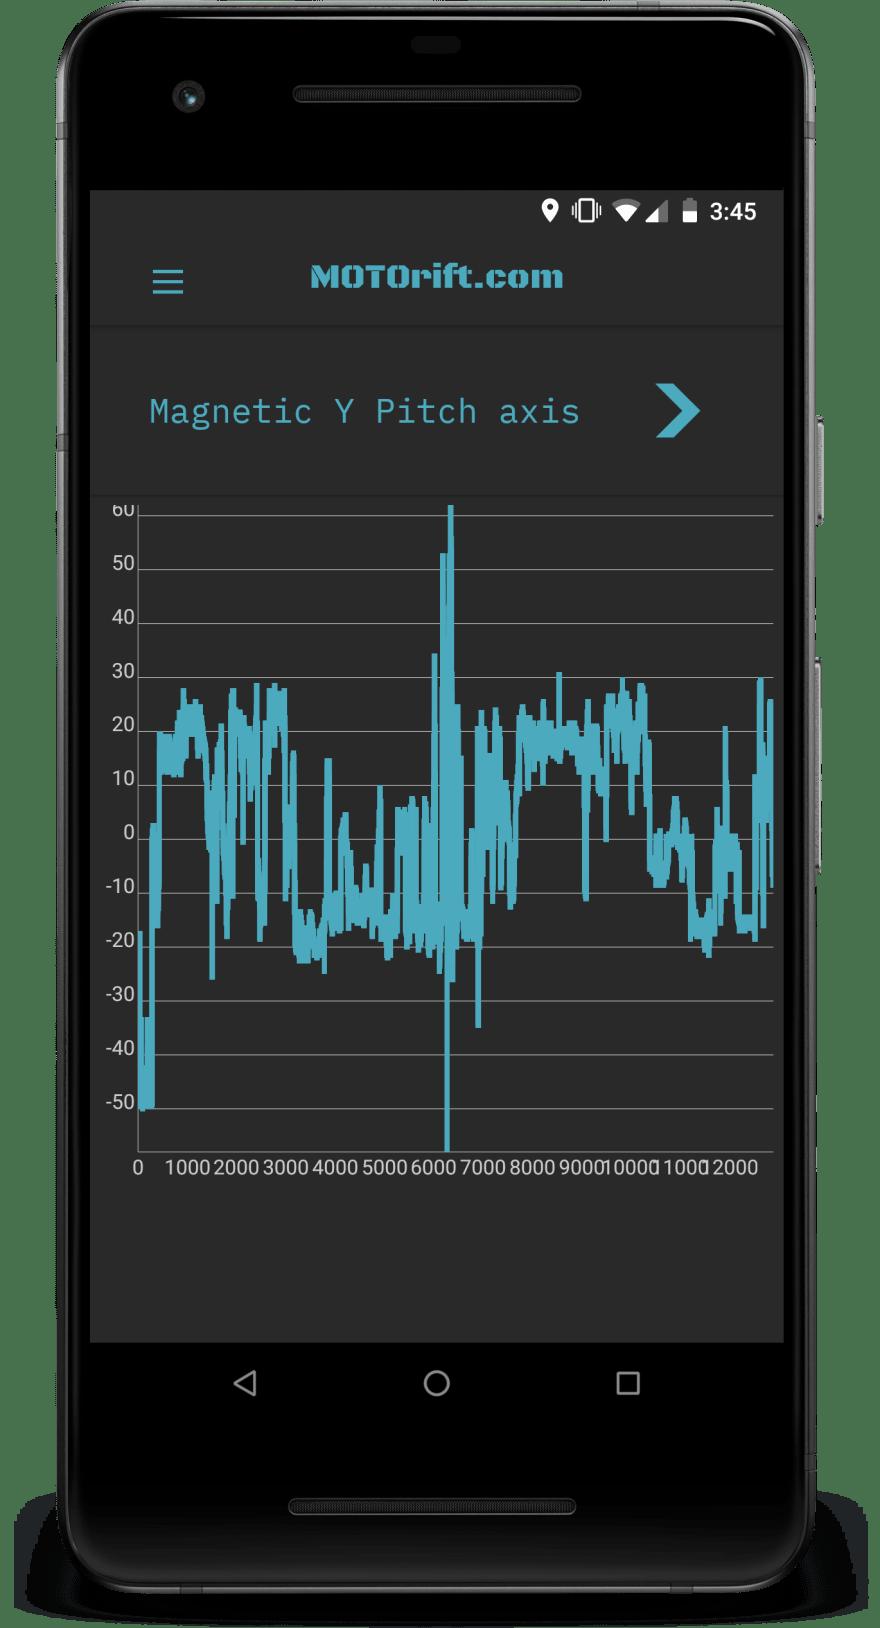 MOTOrift app graph screen